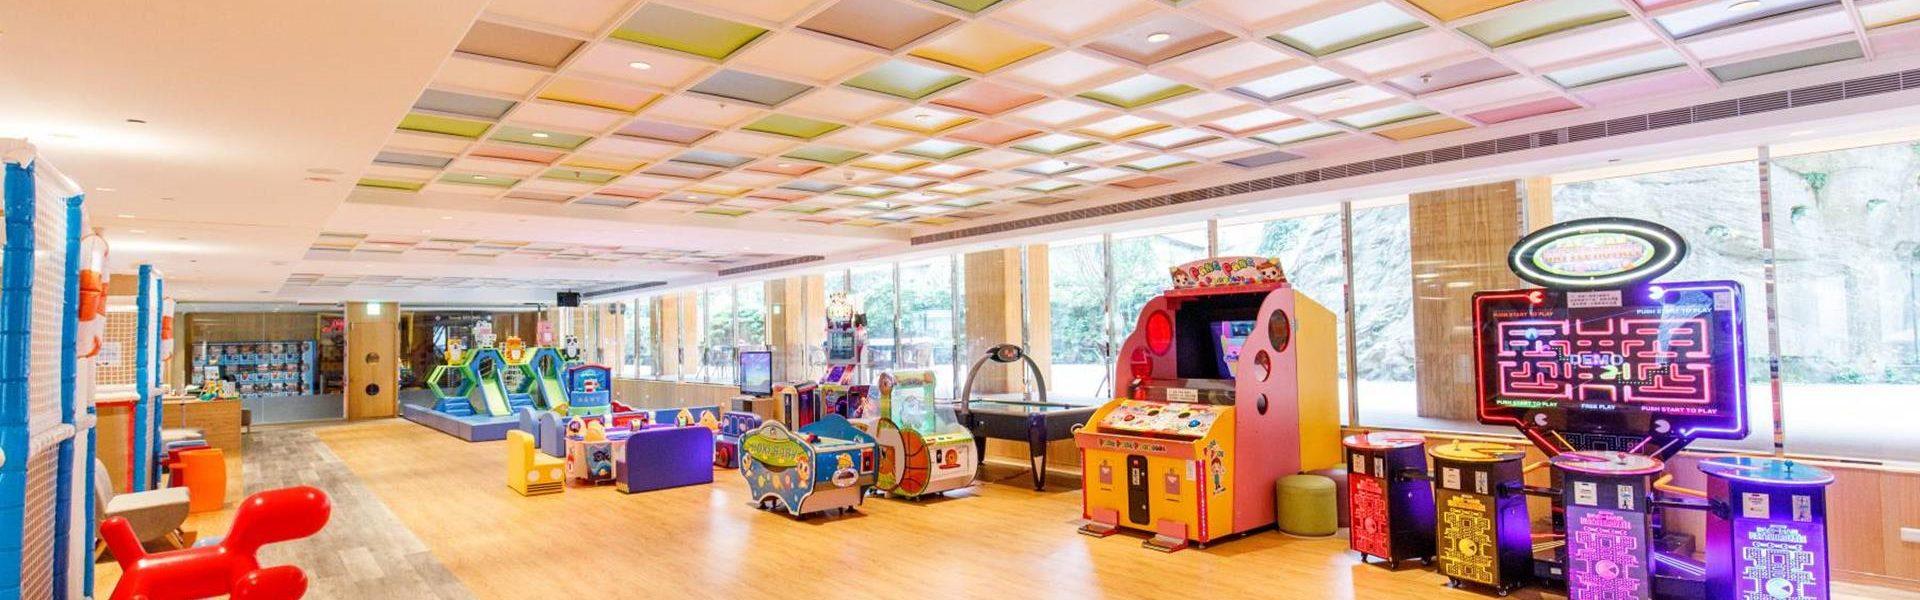 【新北市親子住宿】精選媽媽們狂推的新北市親子飯店、親子主題旅館